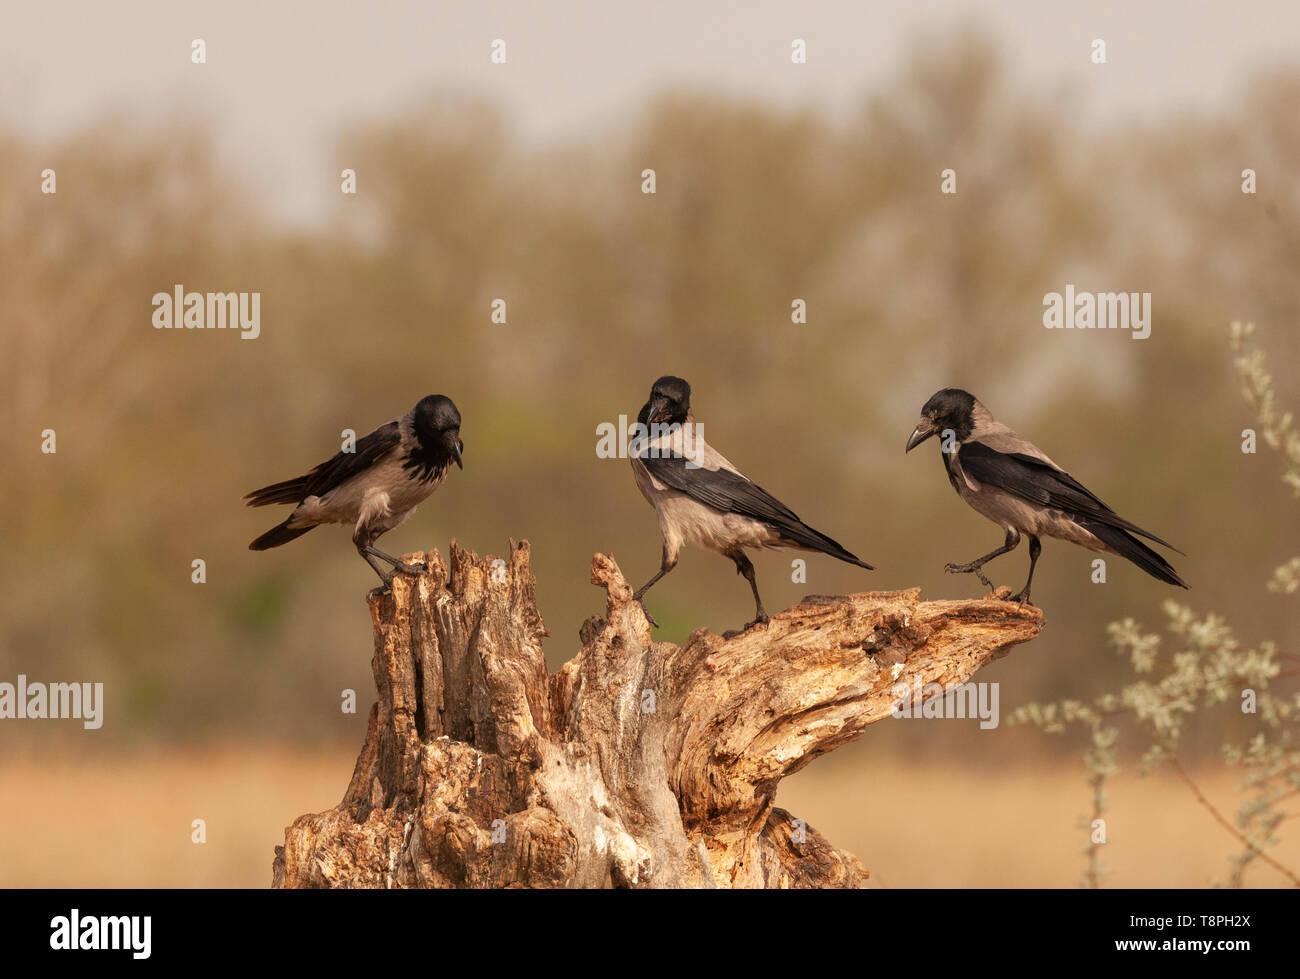 Drei wilde Hooded Crows, Corvus cornix, aka Grau Krähe auf einem Baumstumpf gegen eine natürliche, defokussiertem Hintergrund stehen. In der Donau De fotografiert. Stockbild